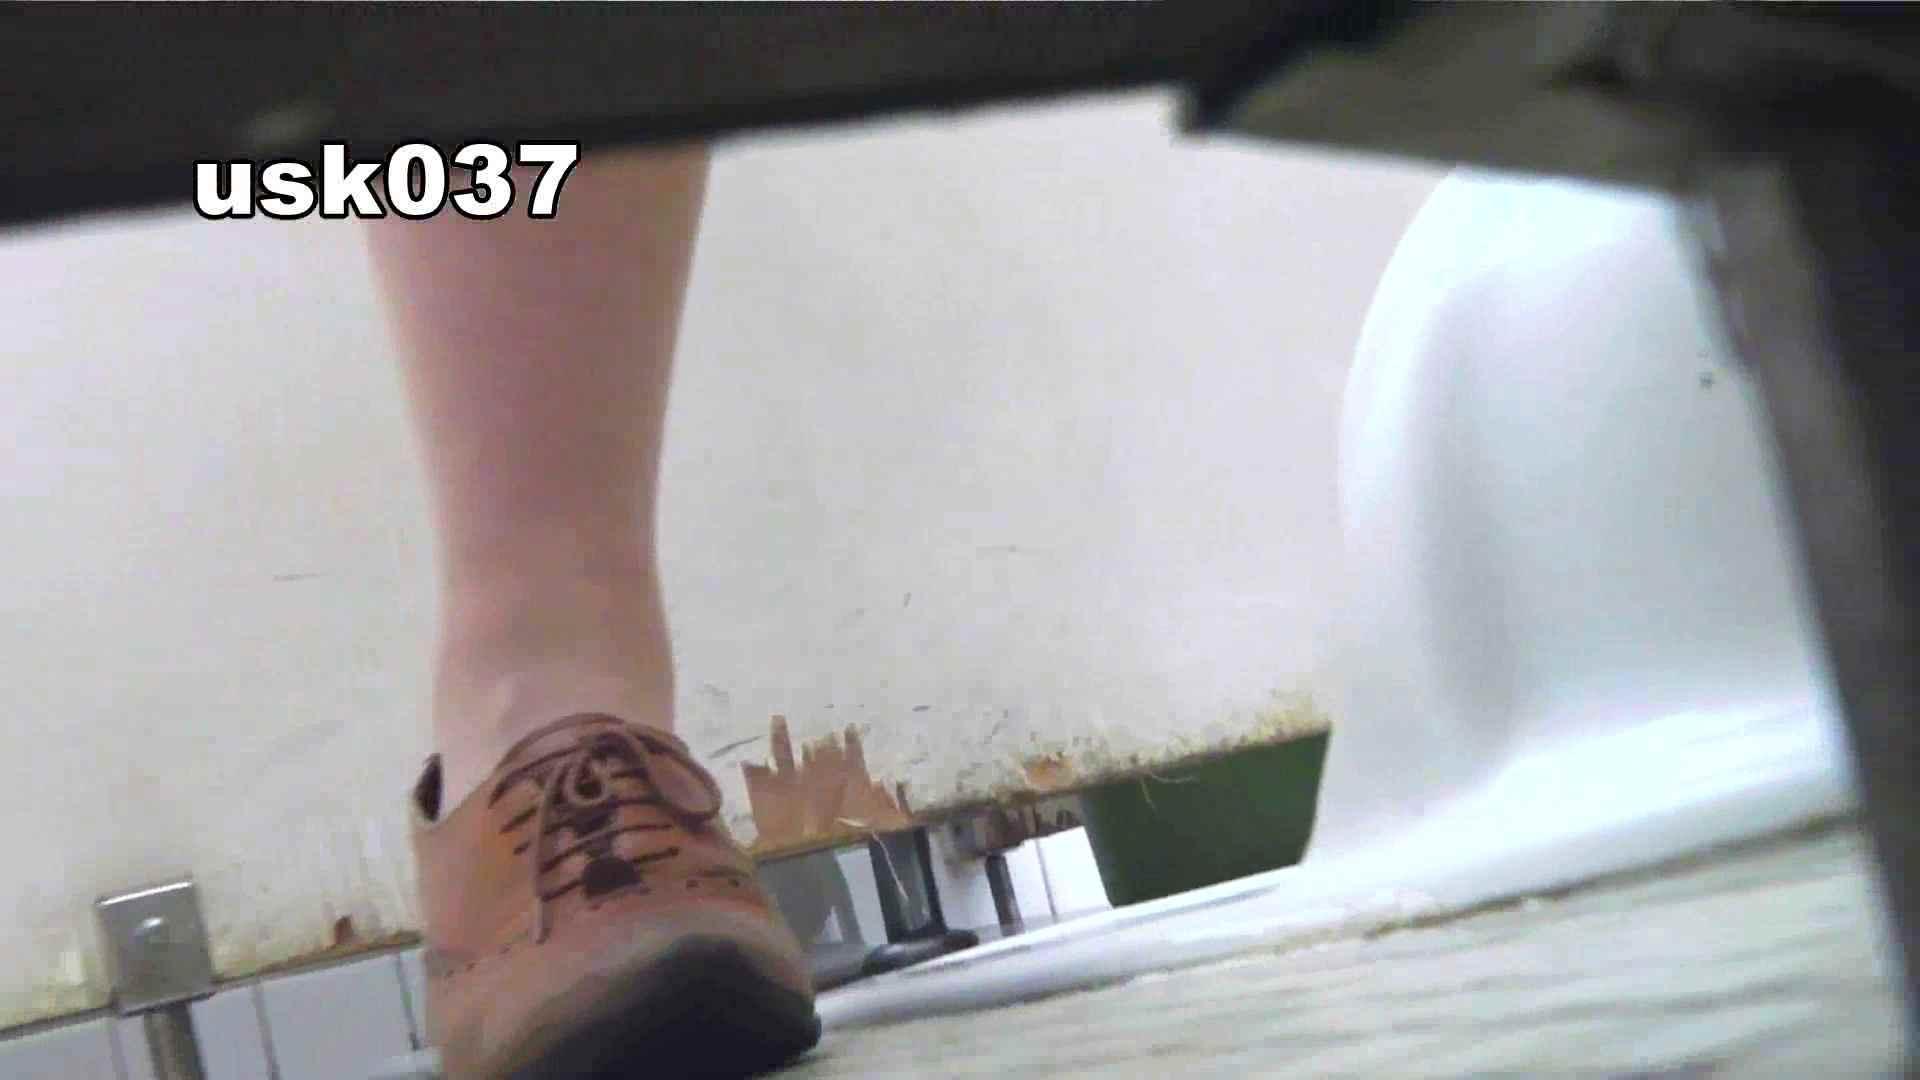 【美しき個室な世界】 vol.037 ひねり出す様子(フトイです) 洗面所   OL女体  97連発 67